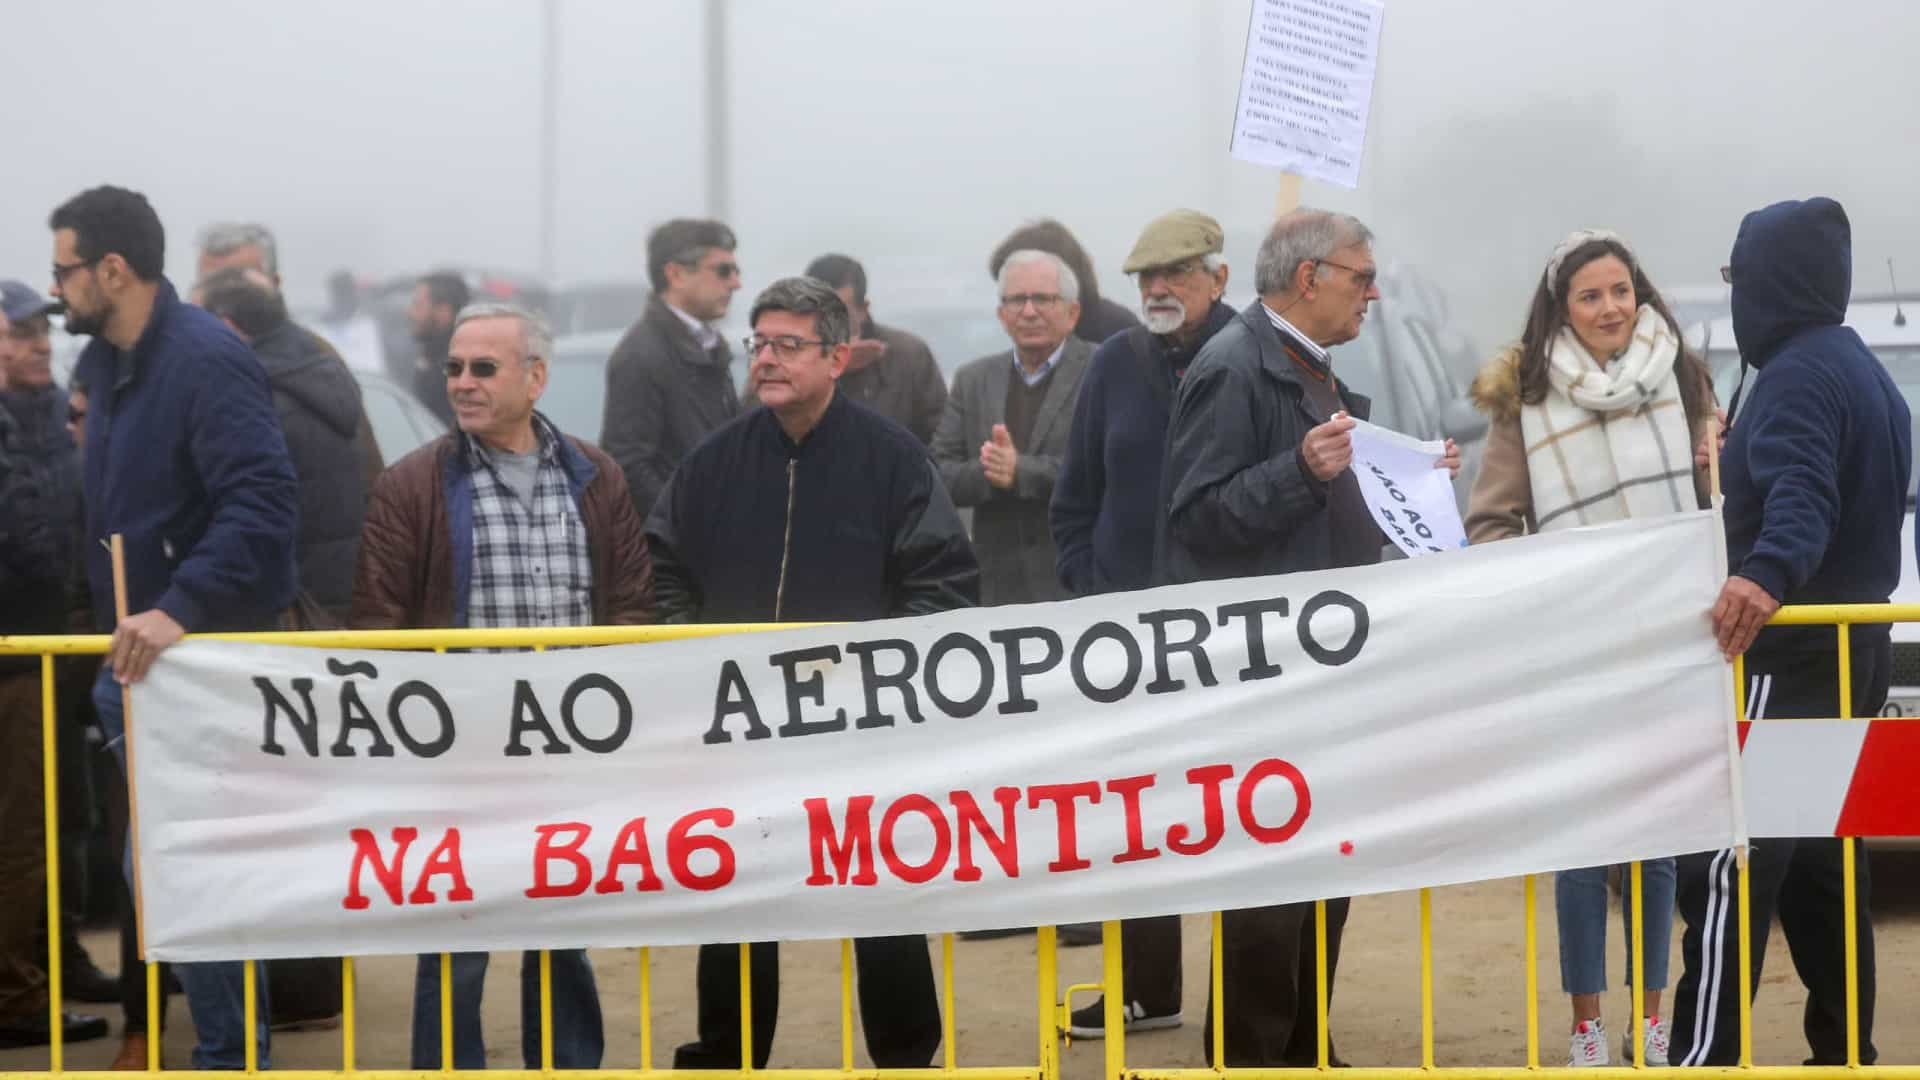 Montijo: ANAC ainda não sabe que municípios têm parecer vinculativo